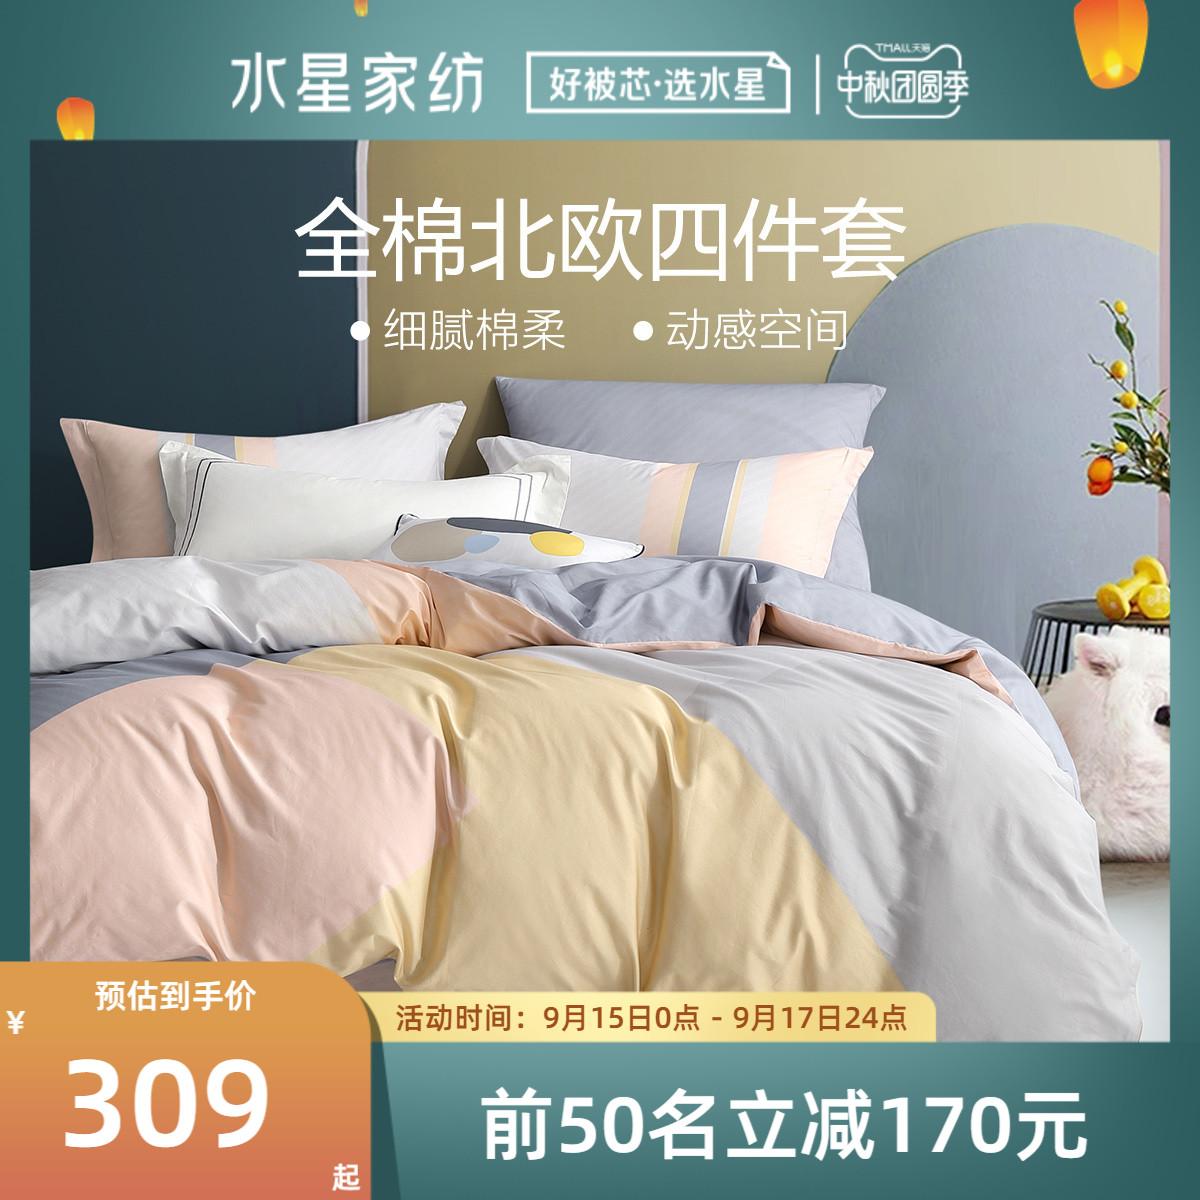 水星家纺新疆棉全棉四件套纯棉简约套件被套床单被罩床上用品